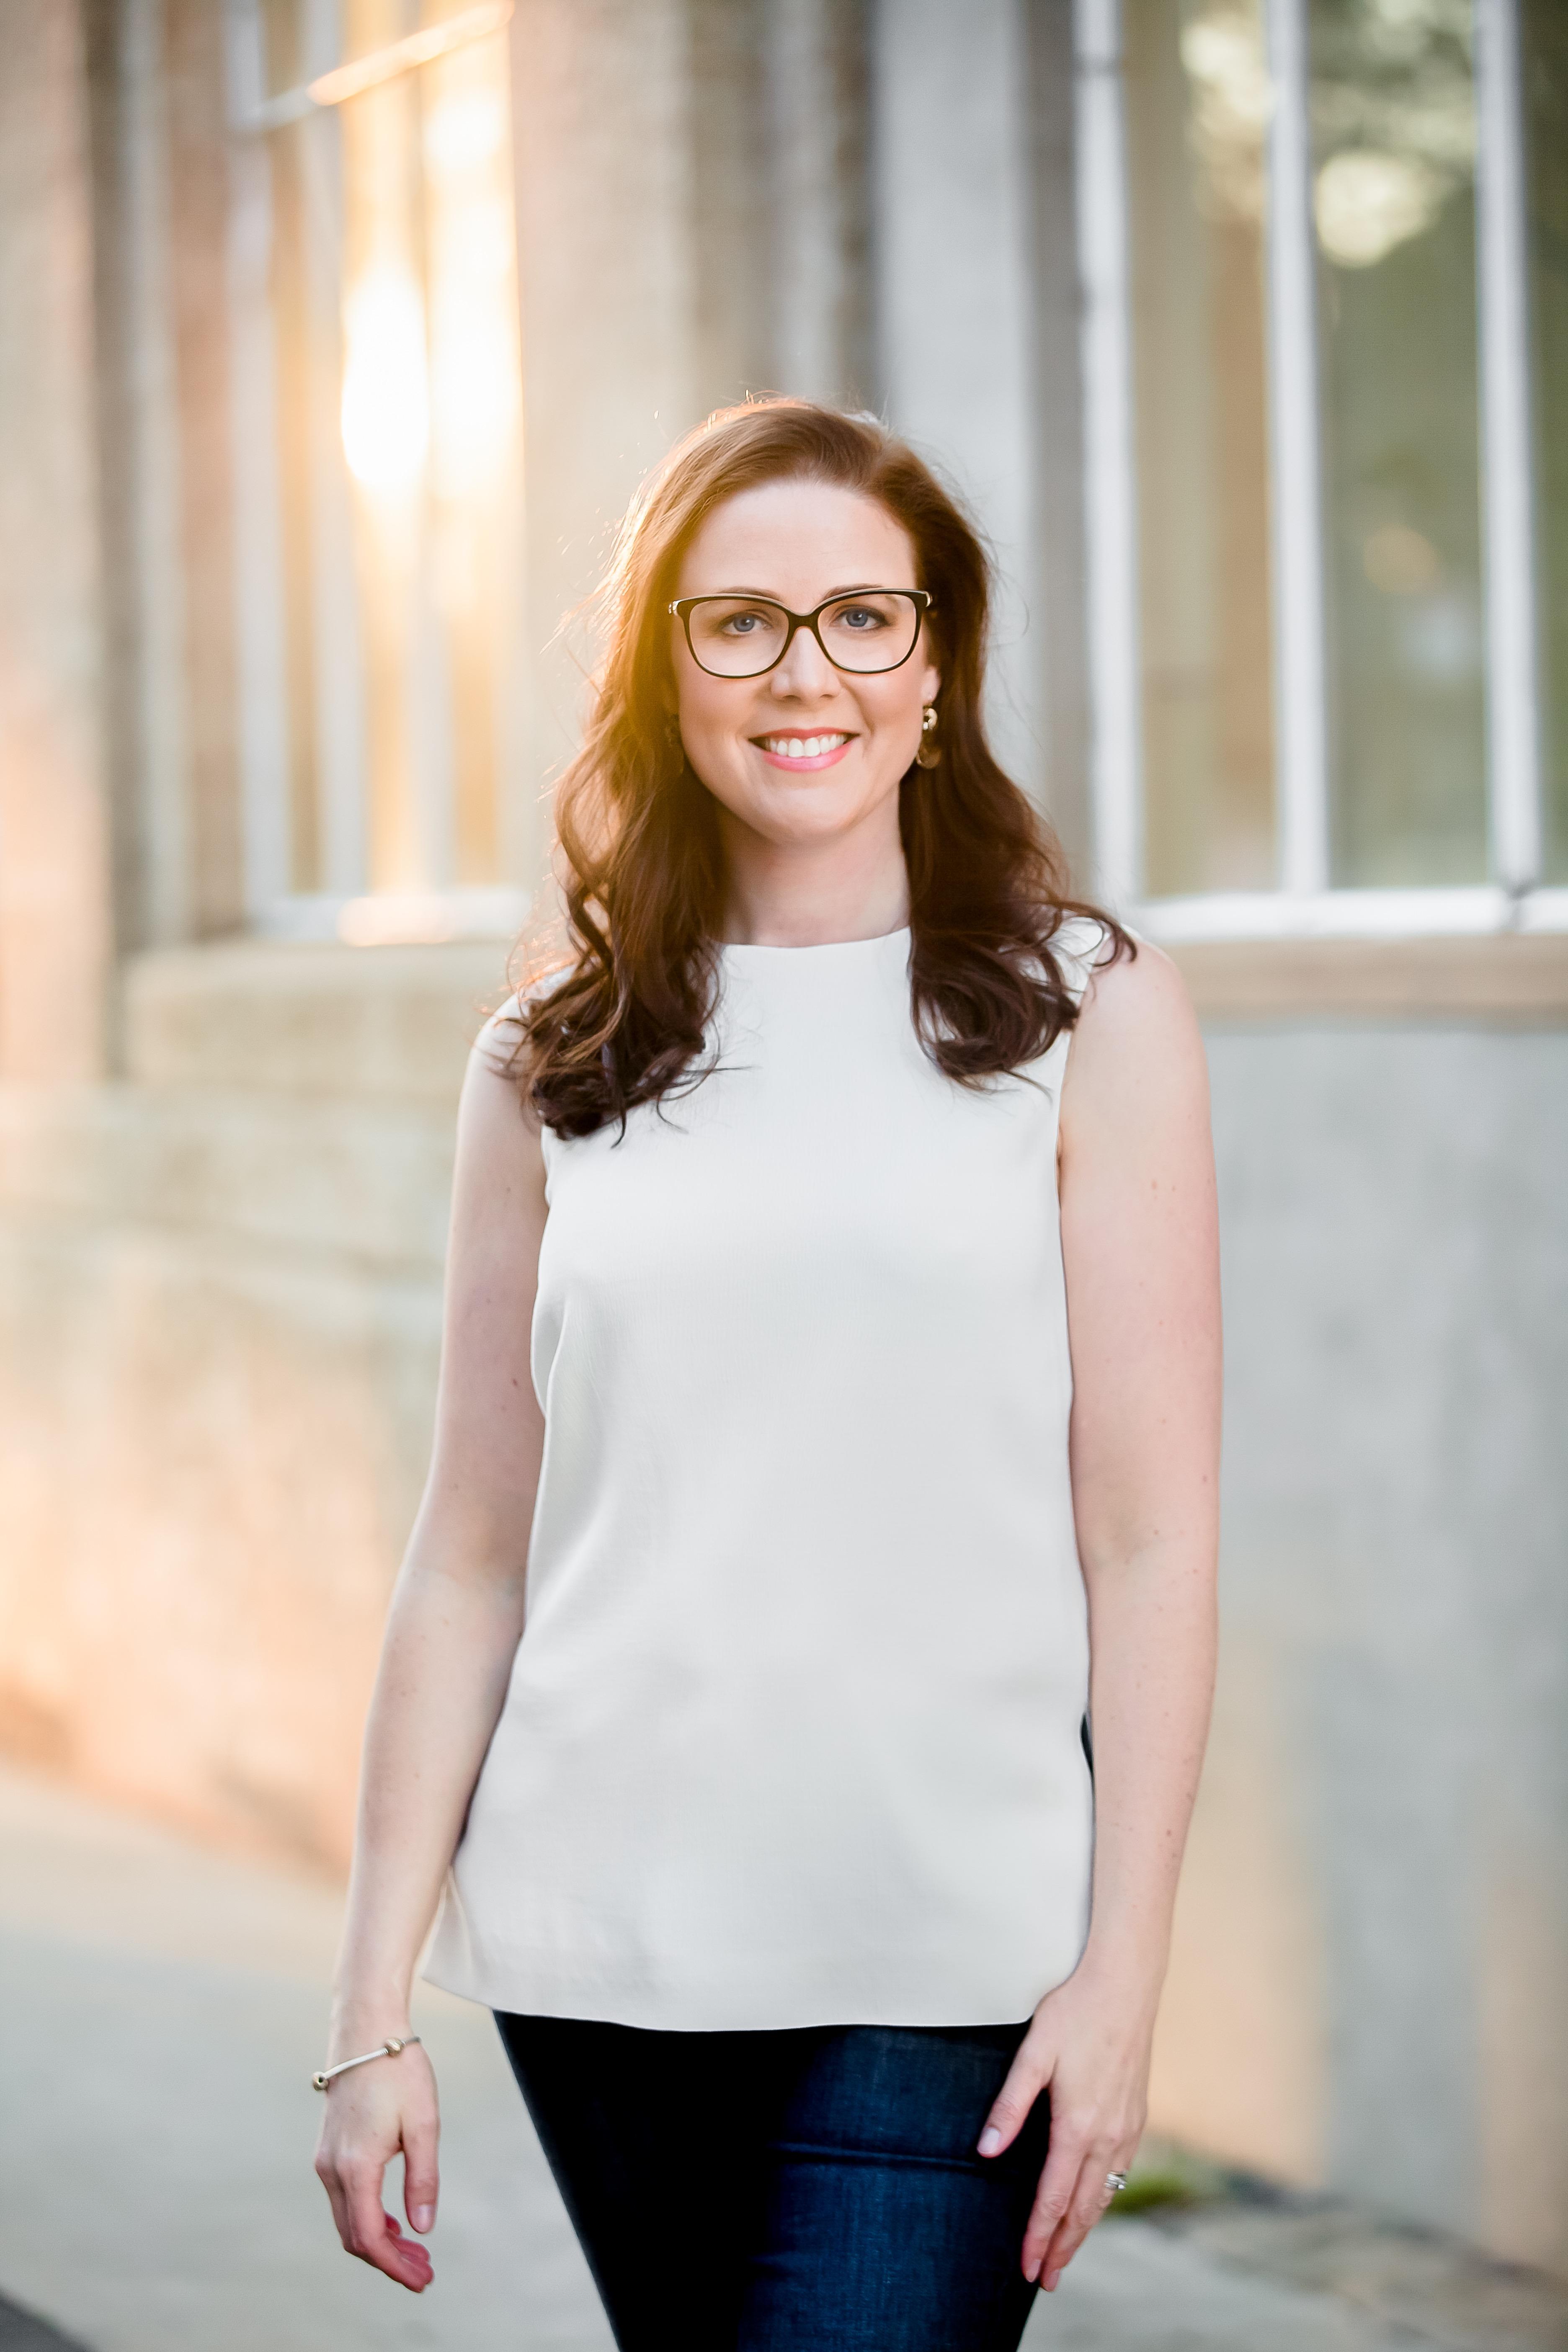 Annabelle McInnes - alternative profile picture